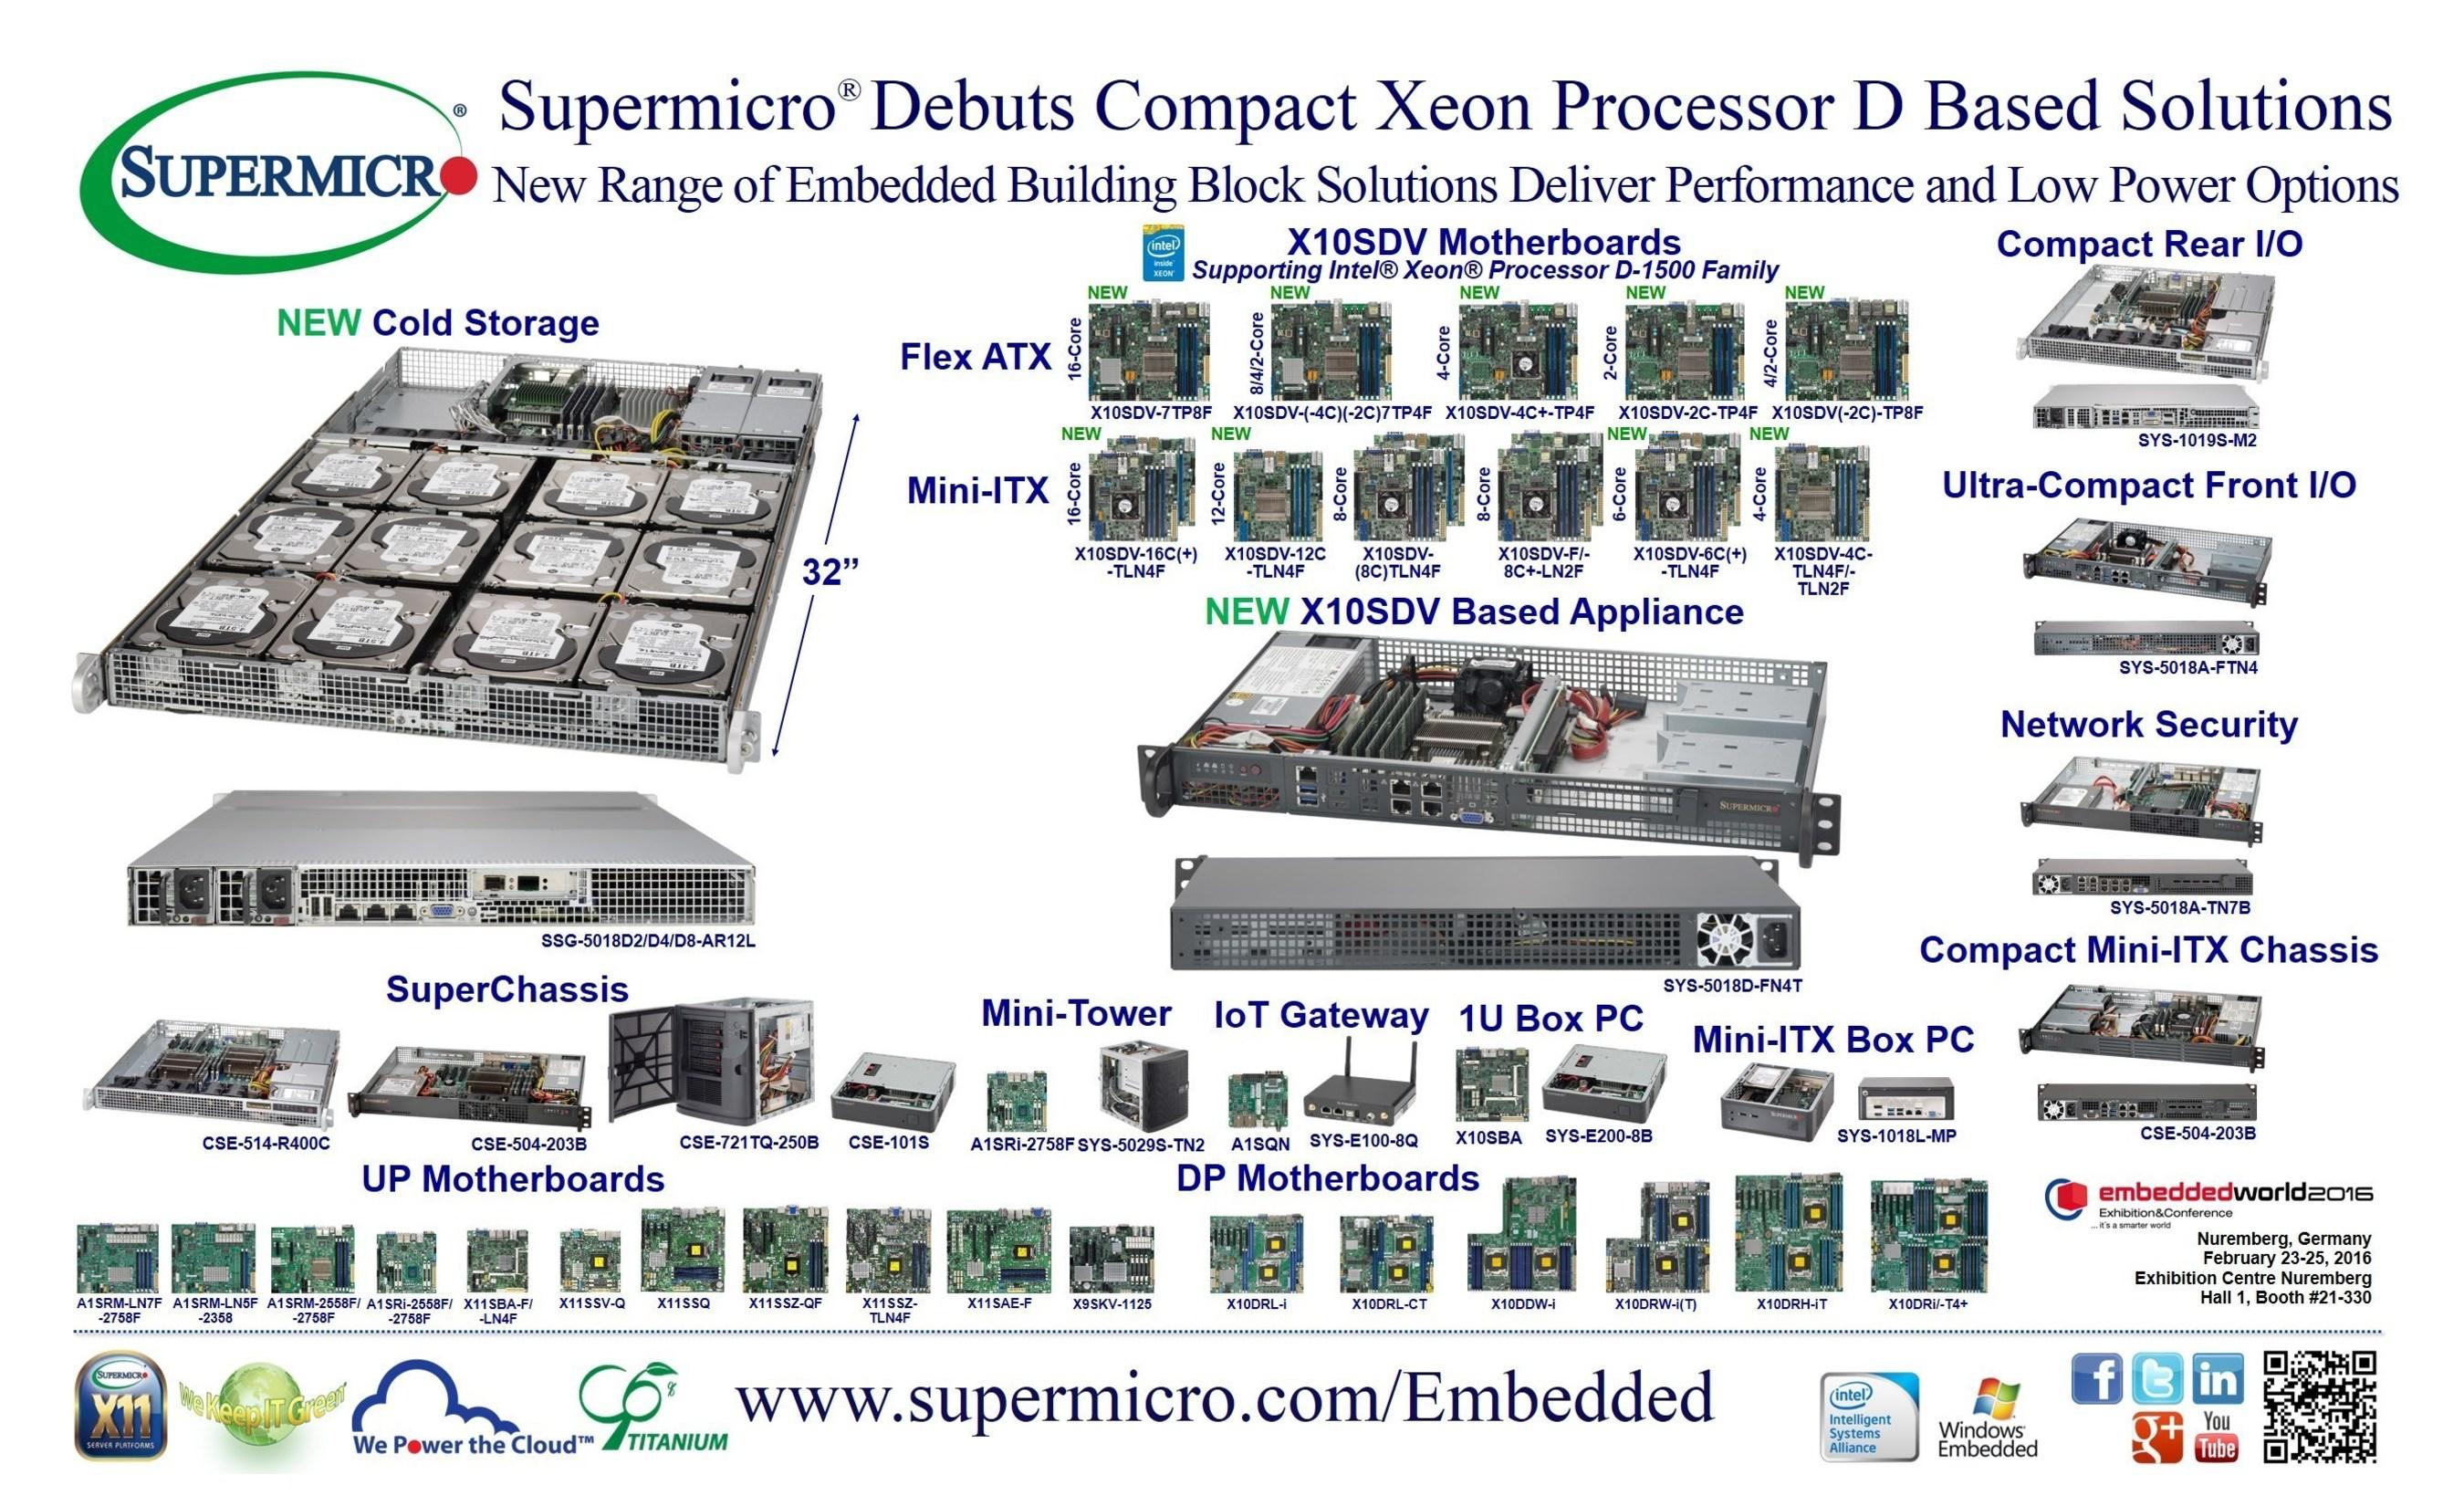 Supermicro® presenta i prodotti basati sul nuovo processore Intel® Xeon® D compatto e le soluzioni